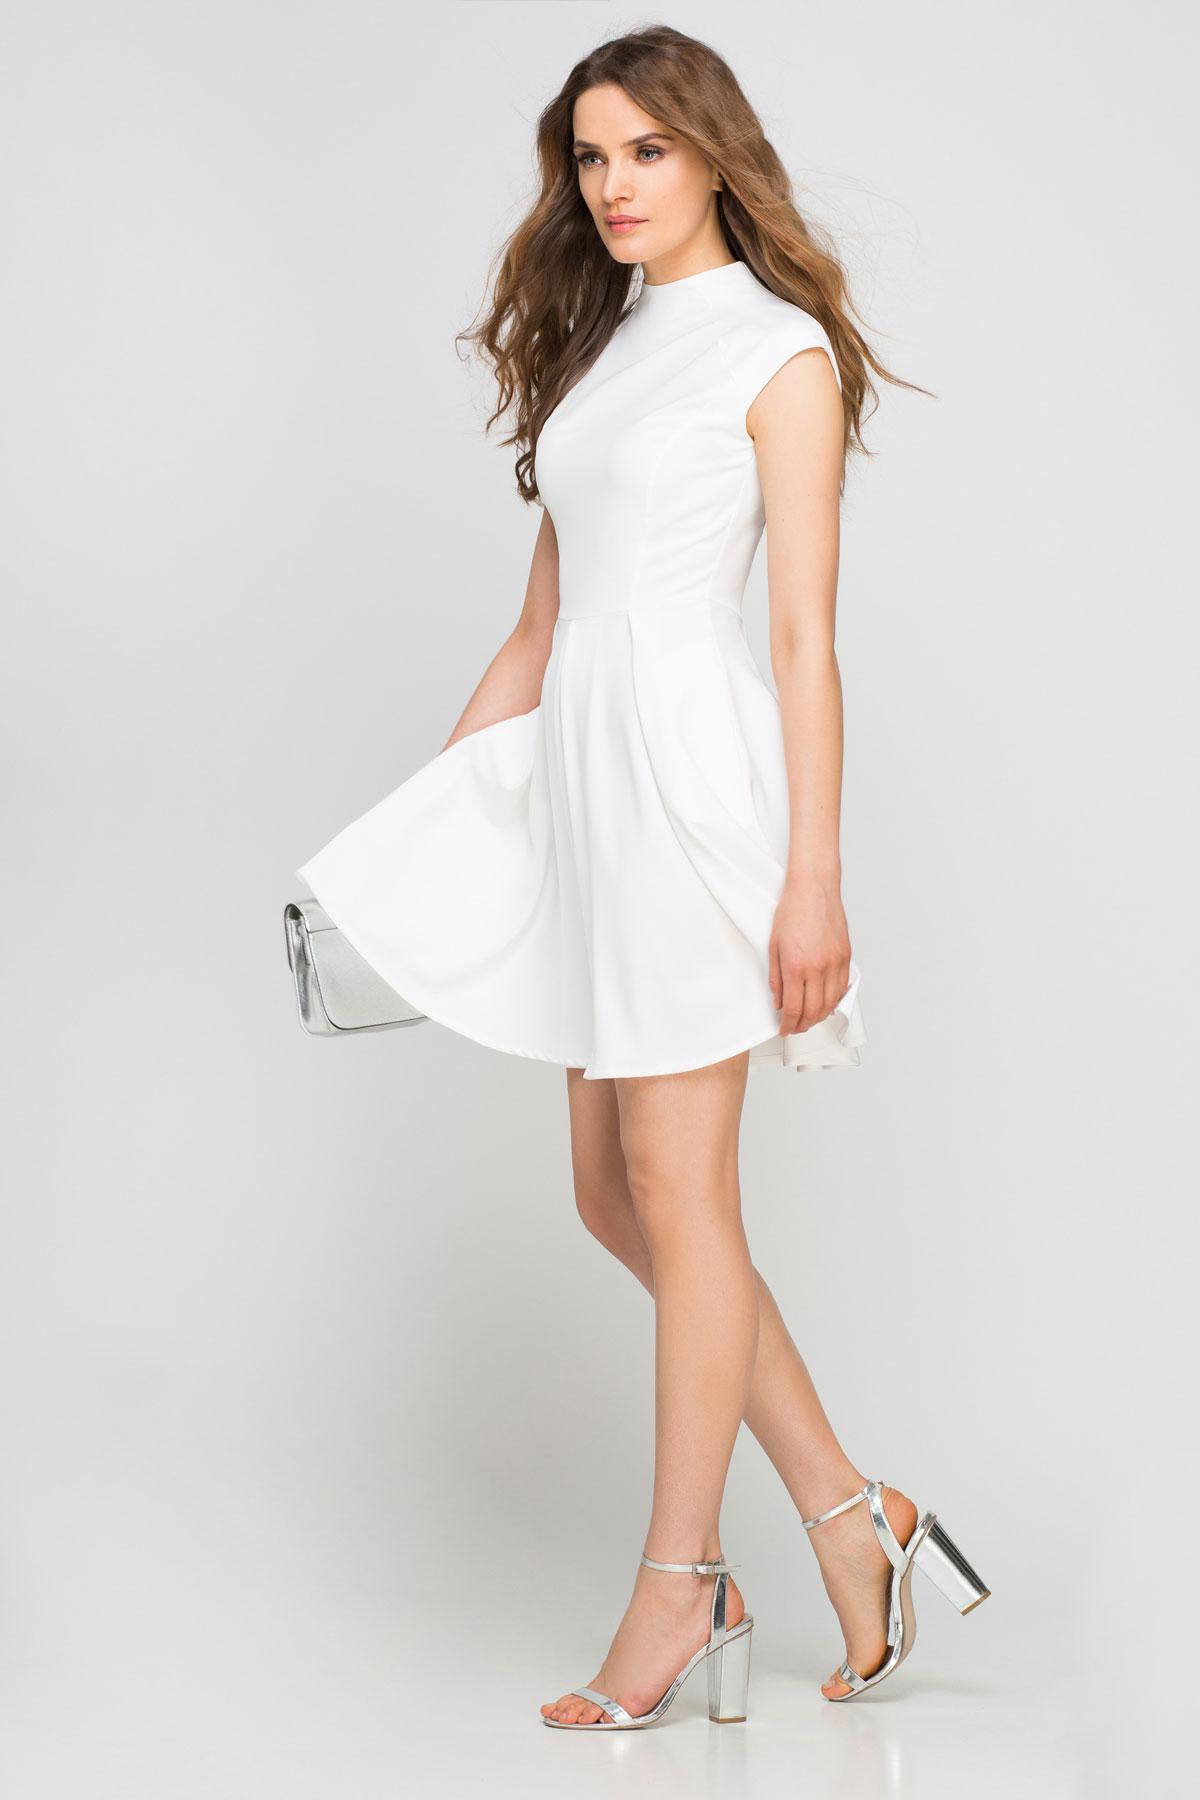 quelles chaussures porter avec une robe blanche les. Black Bedroom Furniture Sets. Home Design Ideas